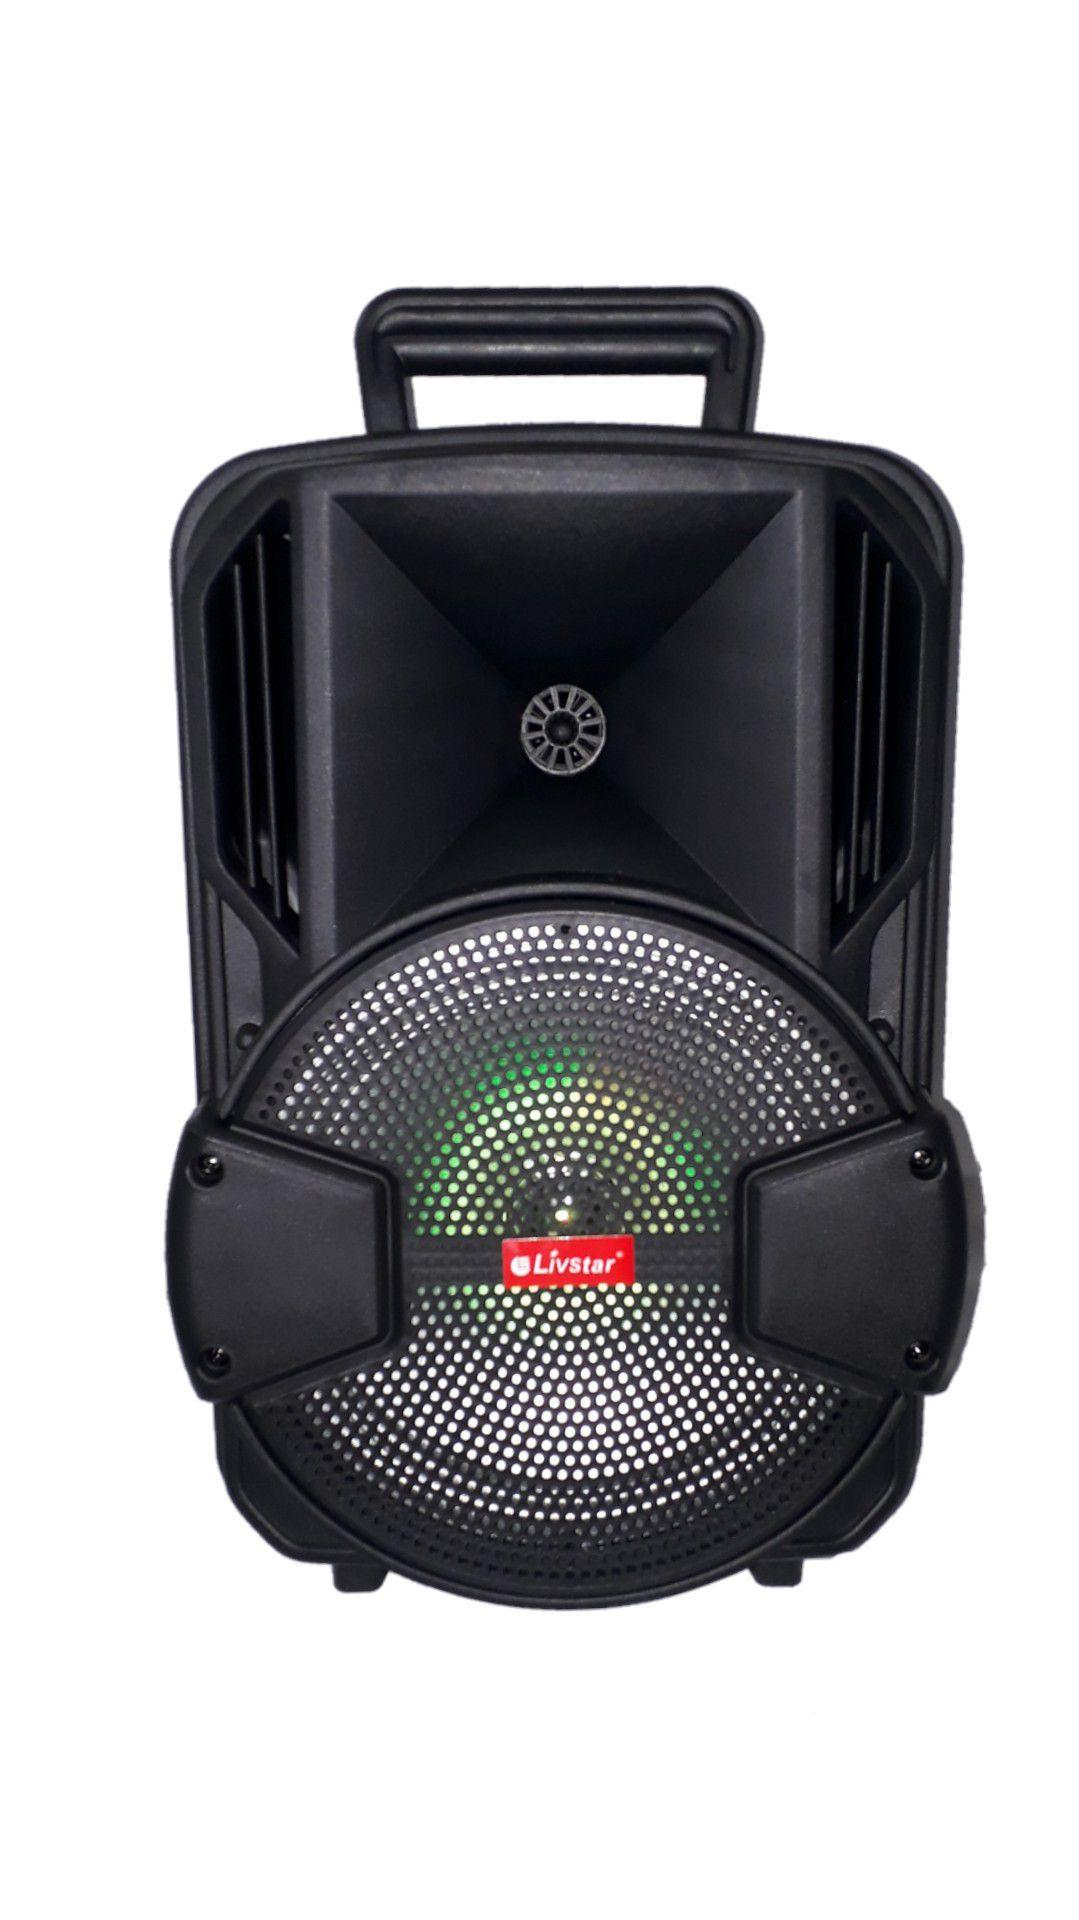 Caixa Amplificada Livstar Cnn8056ts Fal6 Eco Usb/sd/fm Aux P10 Display Bat Recar